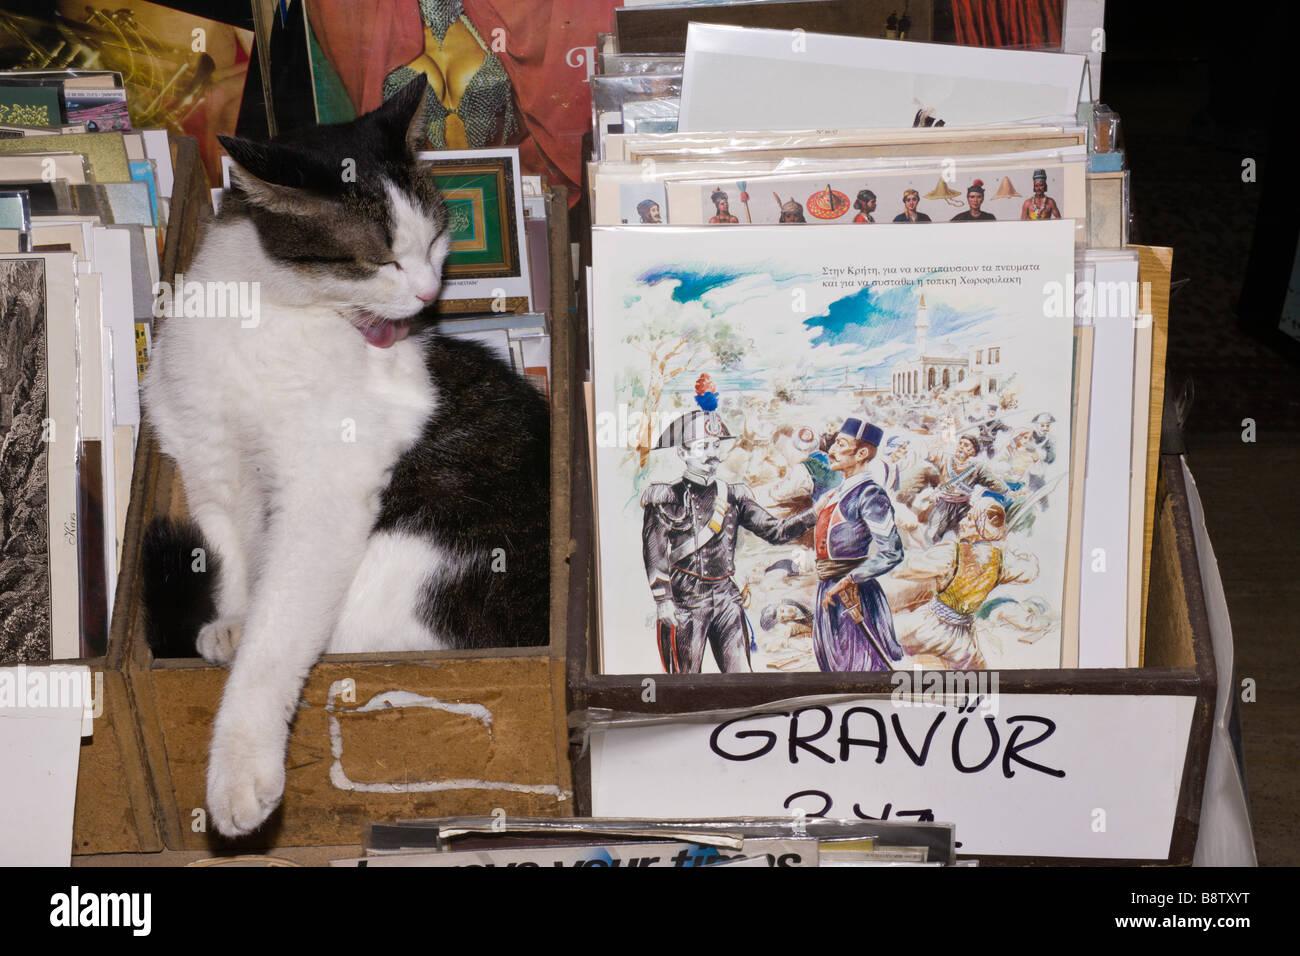 Haustier Katze im Bazar-Shop-Istanbul-Türkei Stockbild